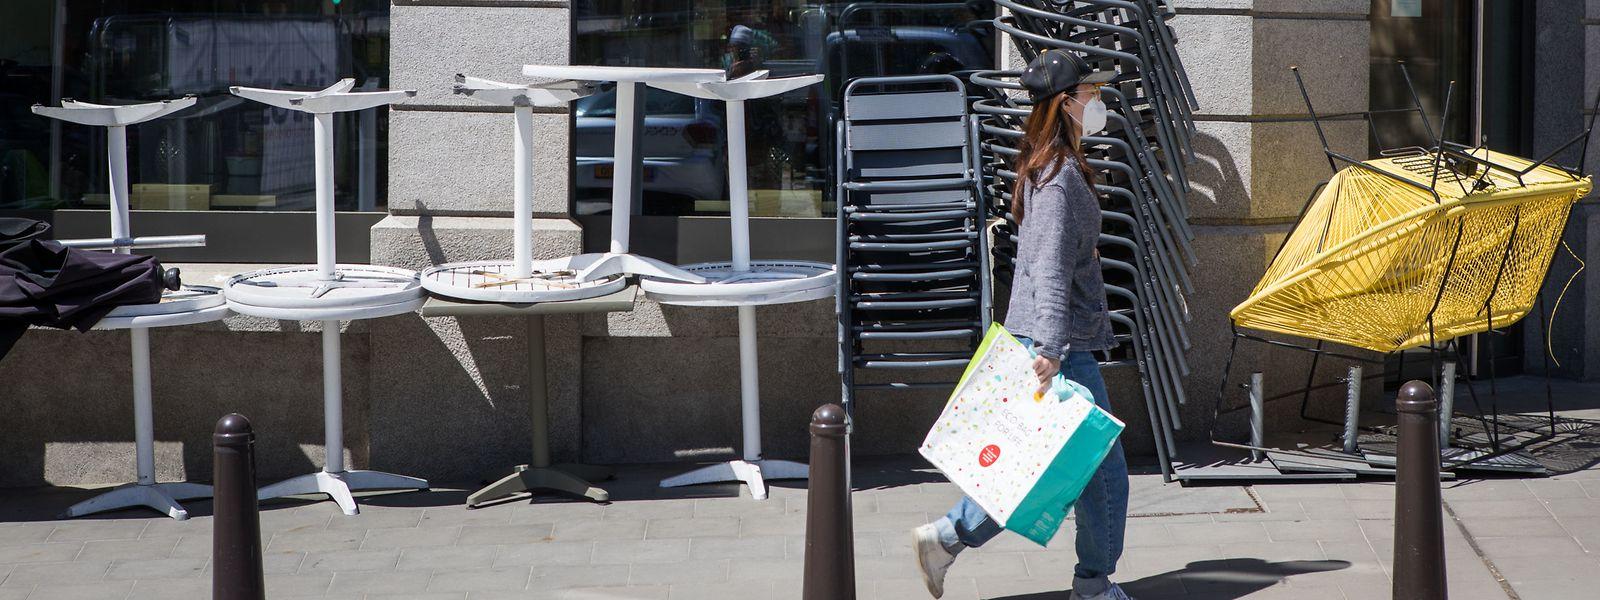 Der Hotel-, Restaurant- und Gaststättensektor ist von der Corona-Krise besonders hart getroffen.